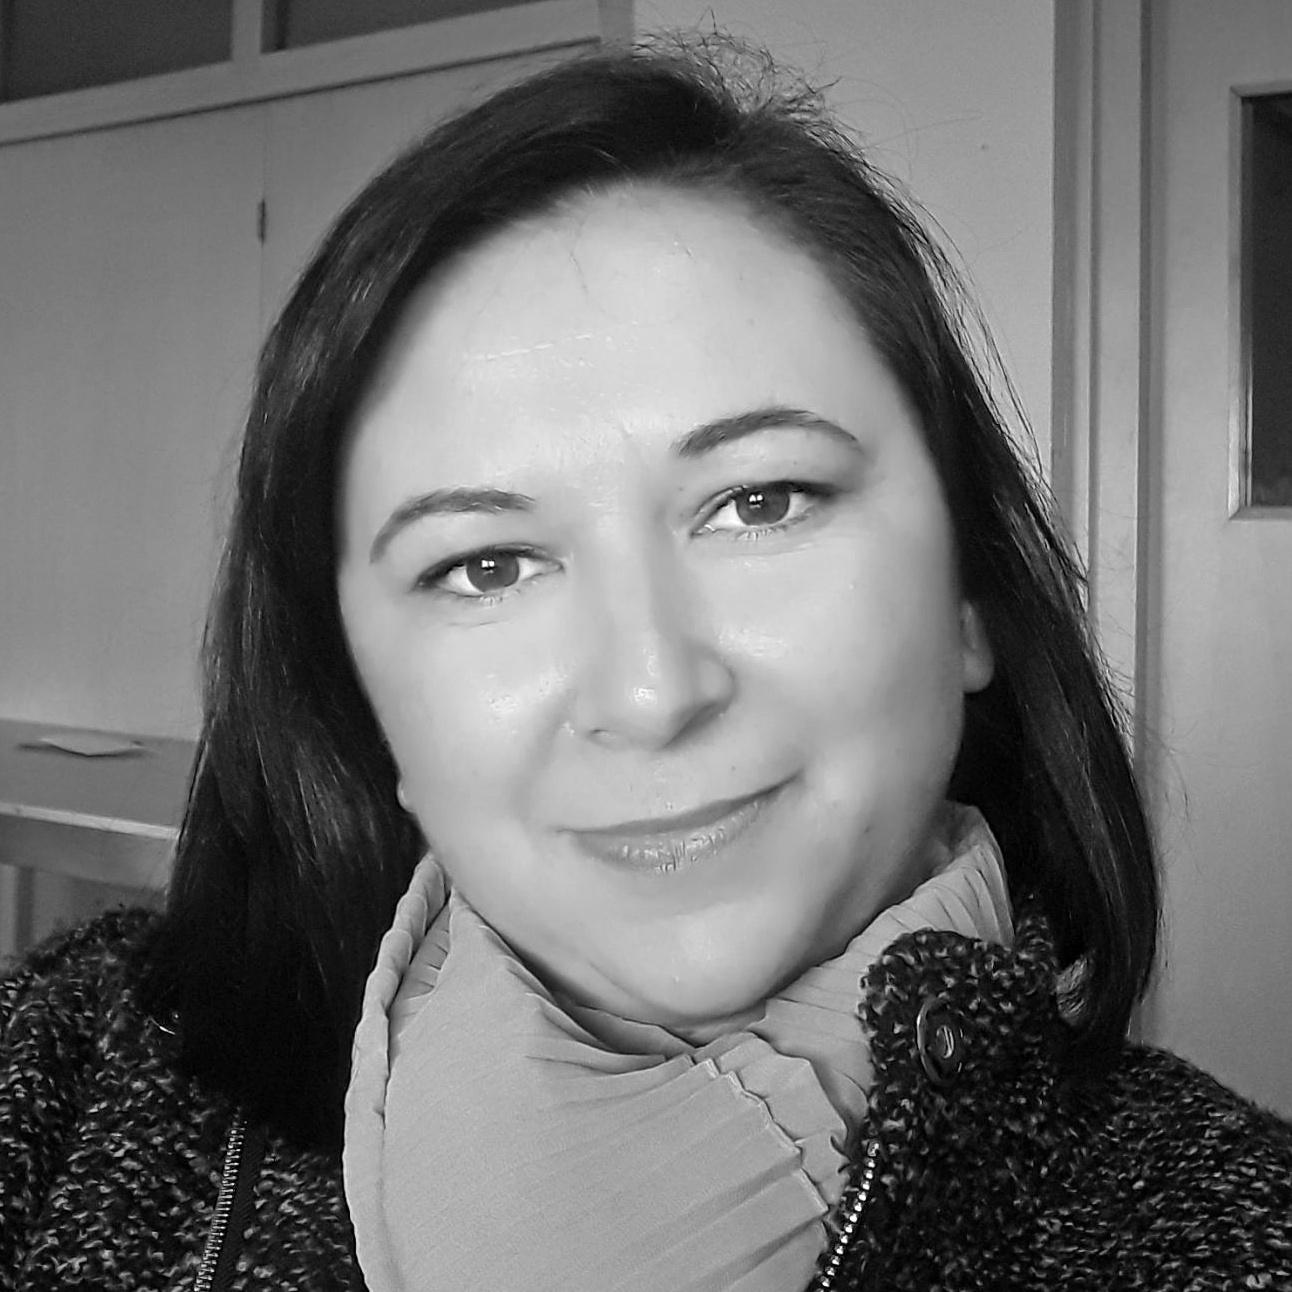 Sonja Madzoska